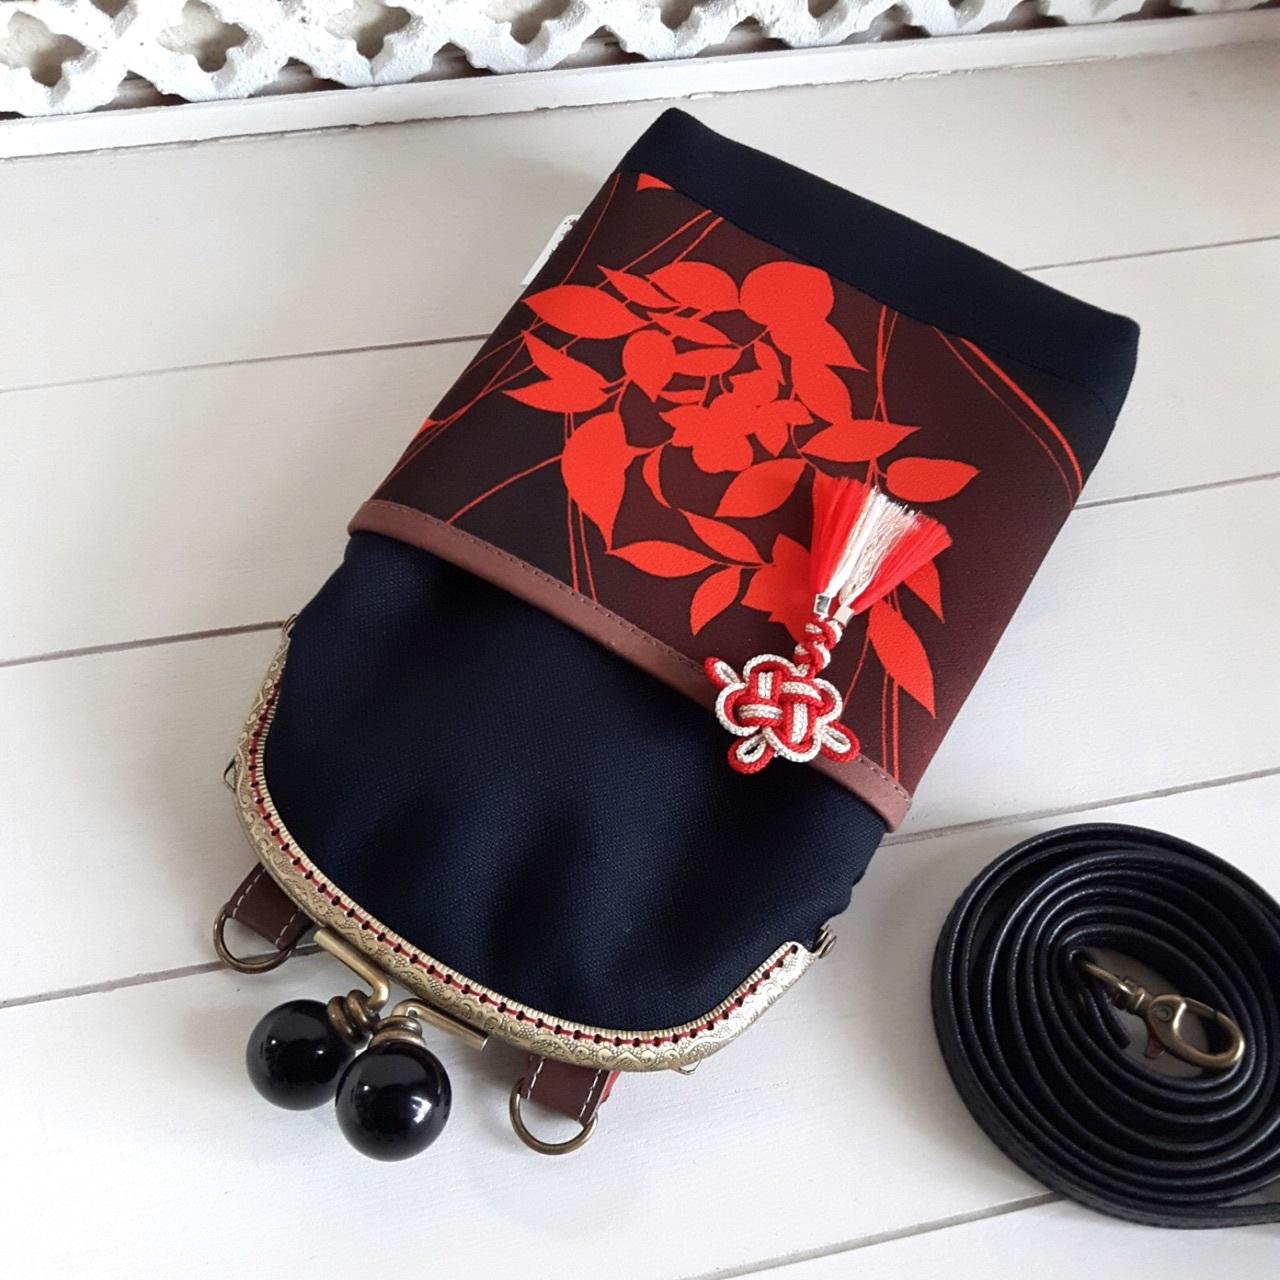 がま口スマホポシェット 黒×赤模様(内側:赤花柄)